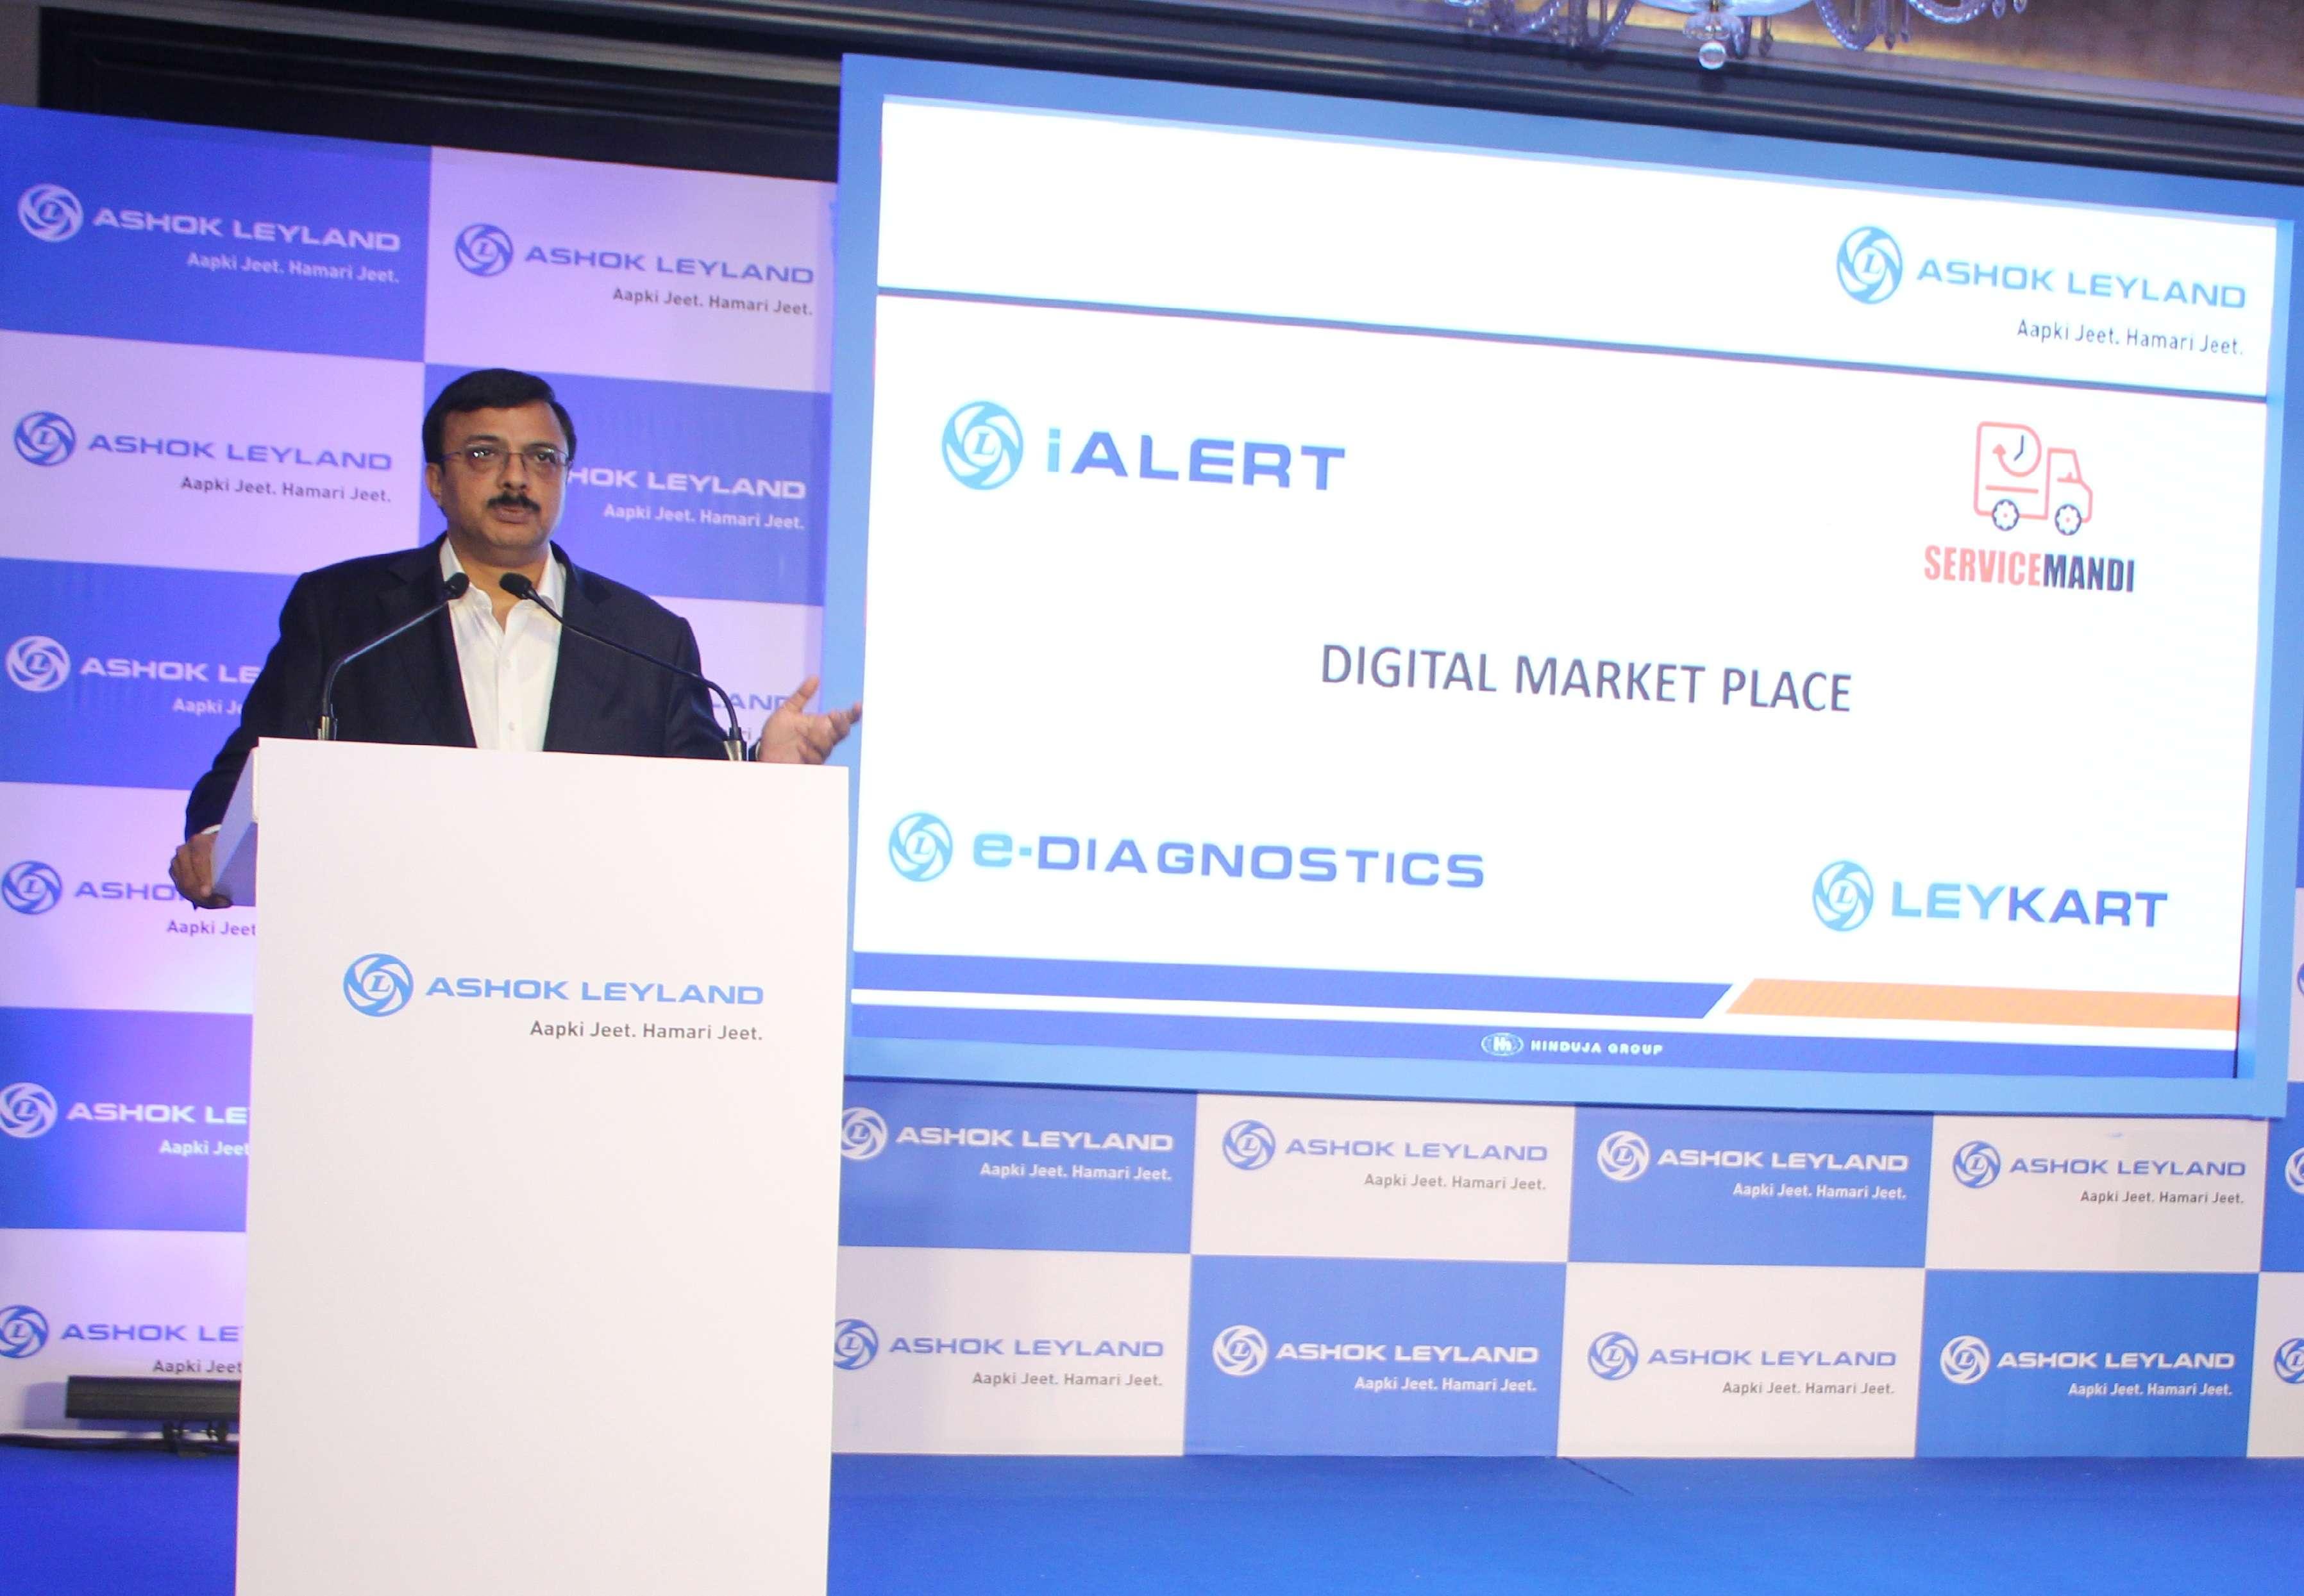 Ashok leyland: Ashok Leyland introduces Digital Market place